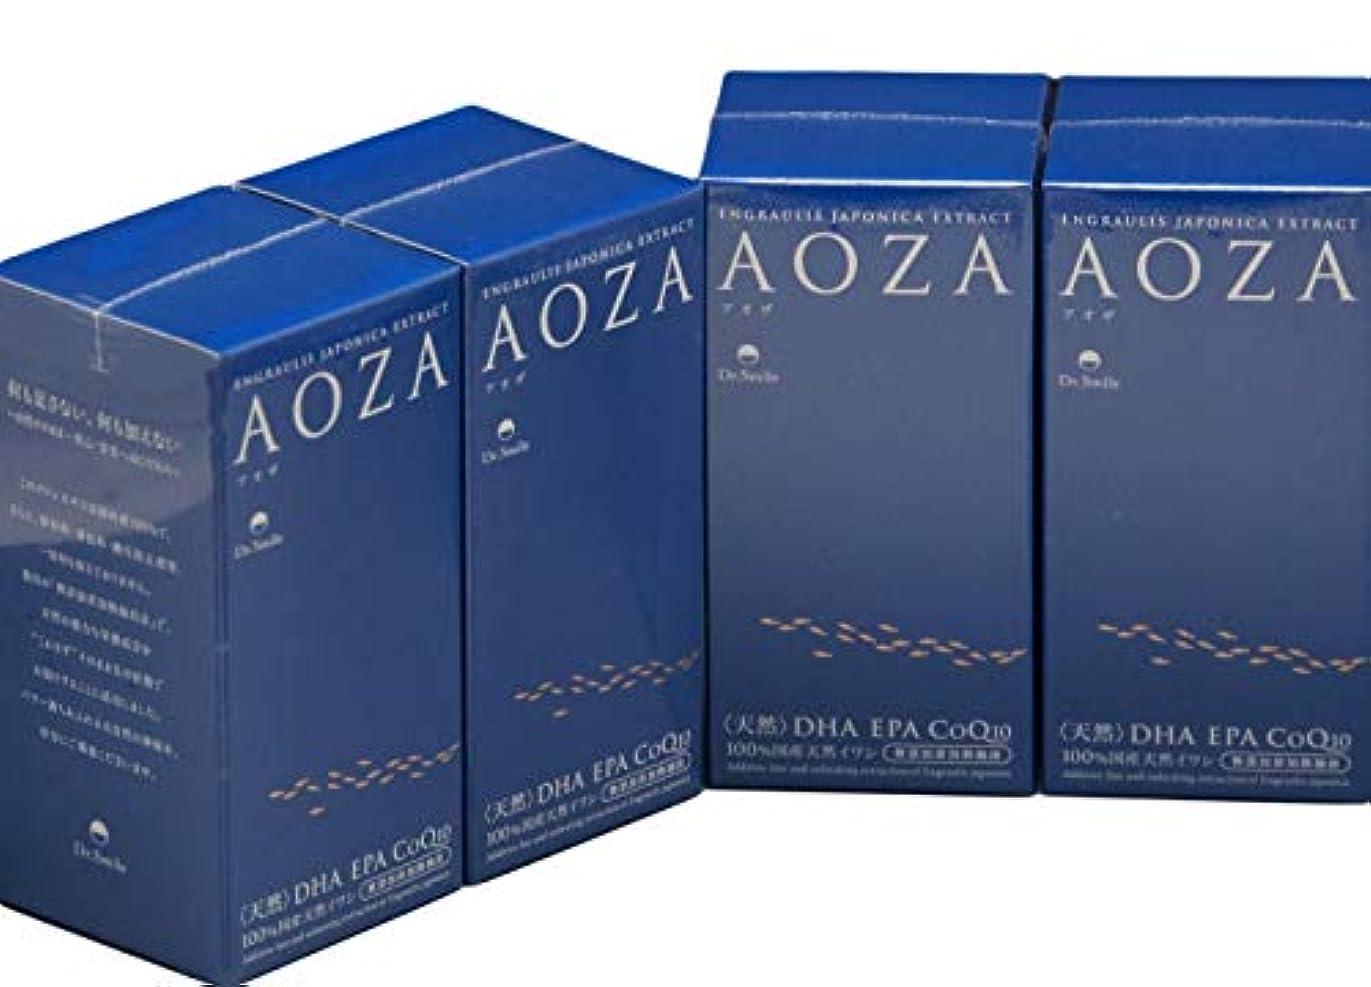 可能自動腹痛ドクタースマイル AOZA アオザ 300粒×4個セット